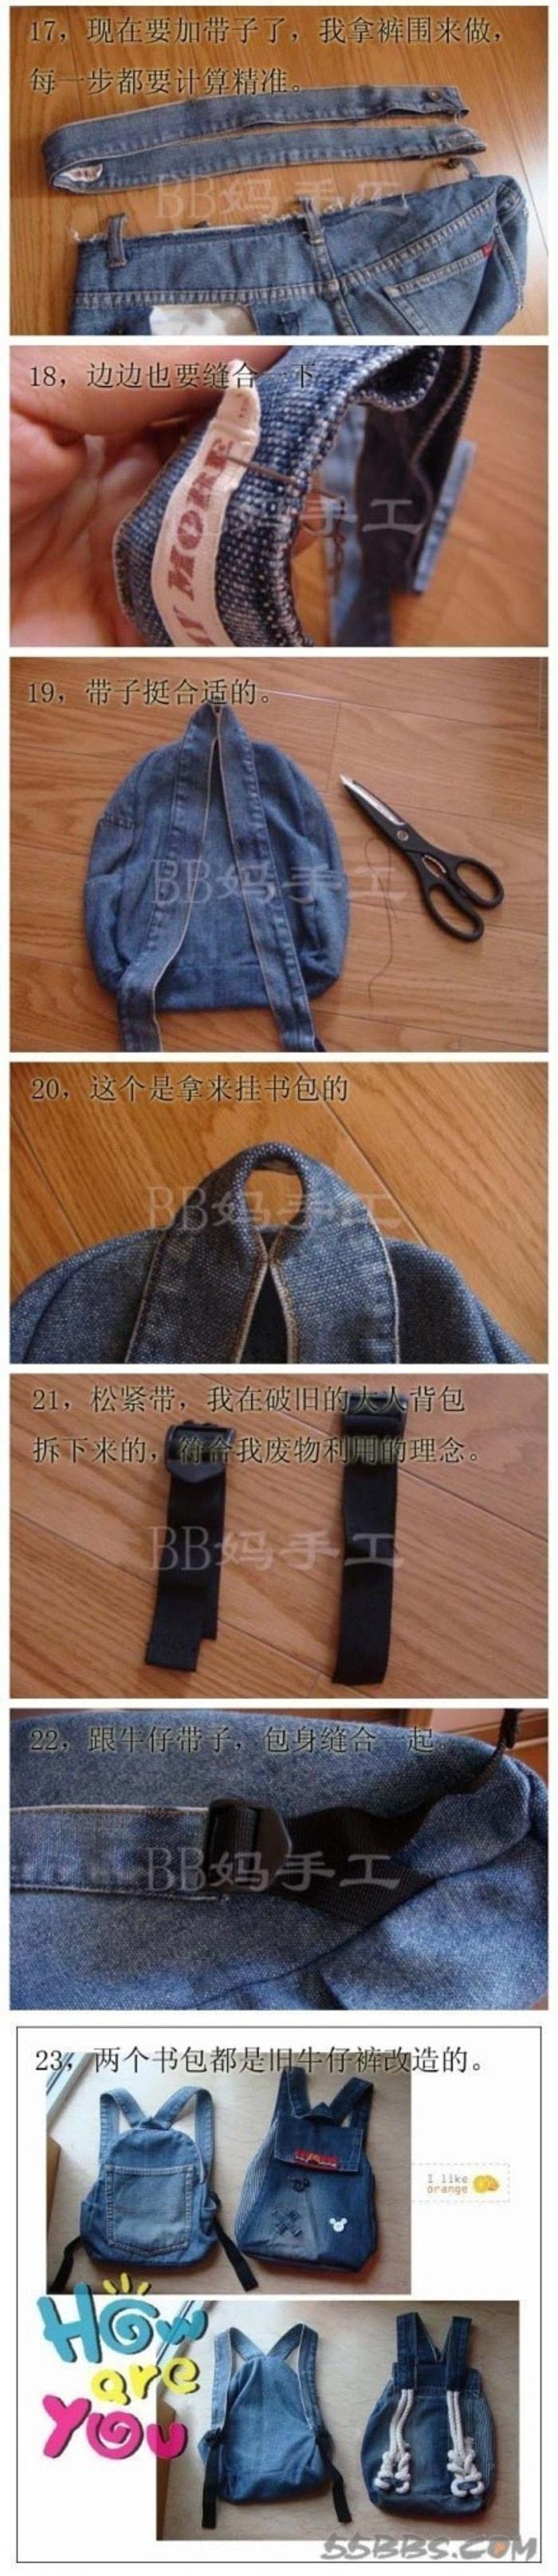 牛仔裤手工制作小背包教程图解